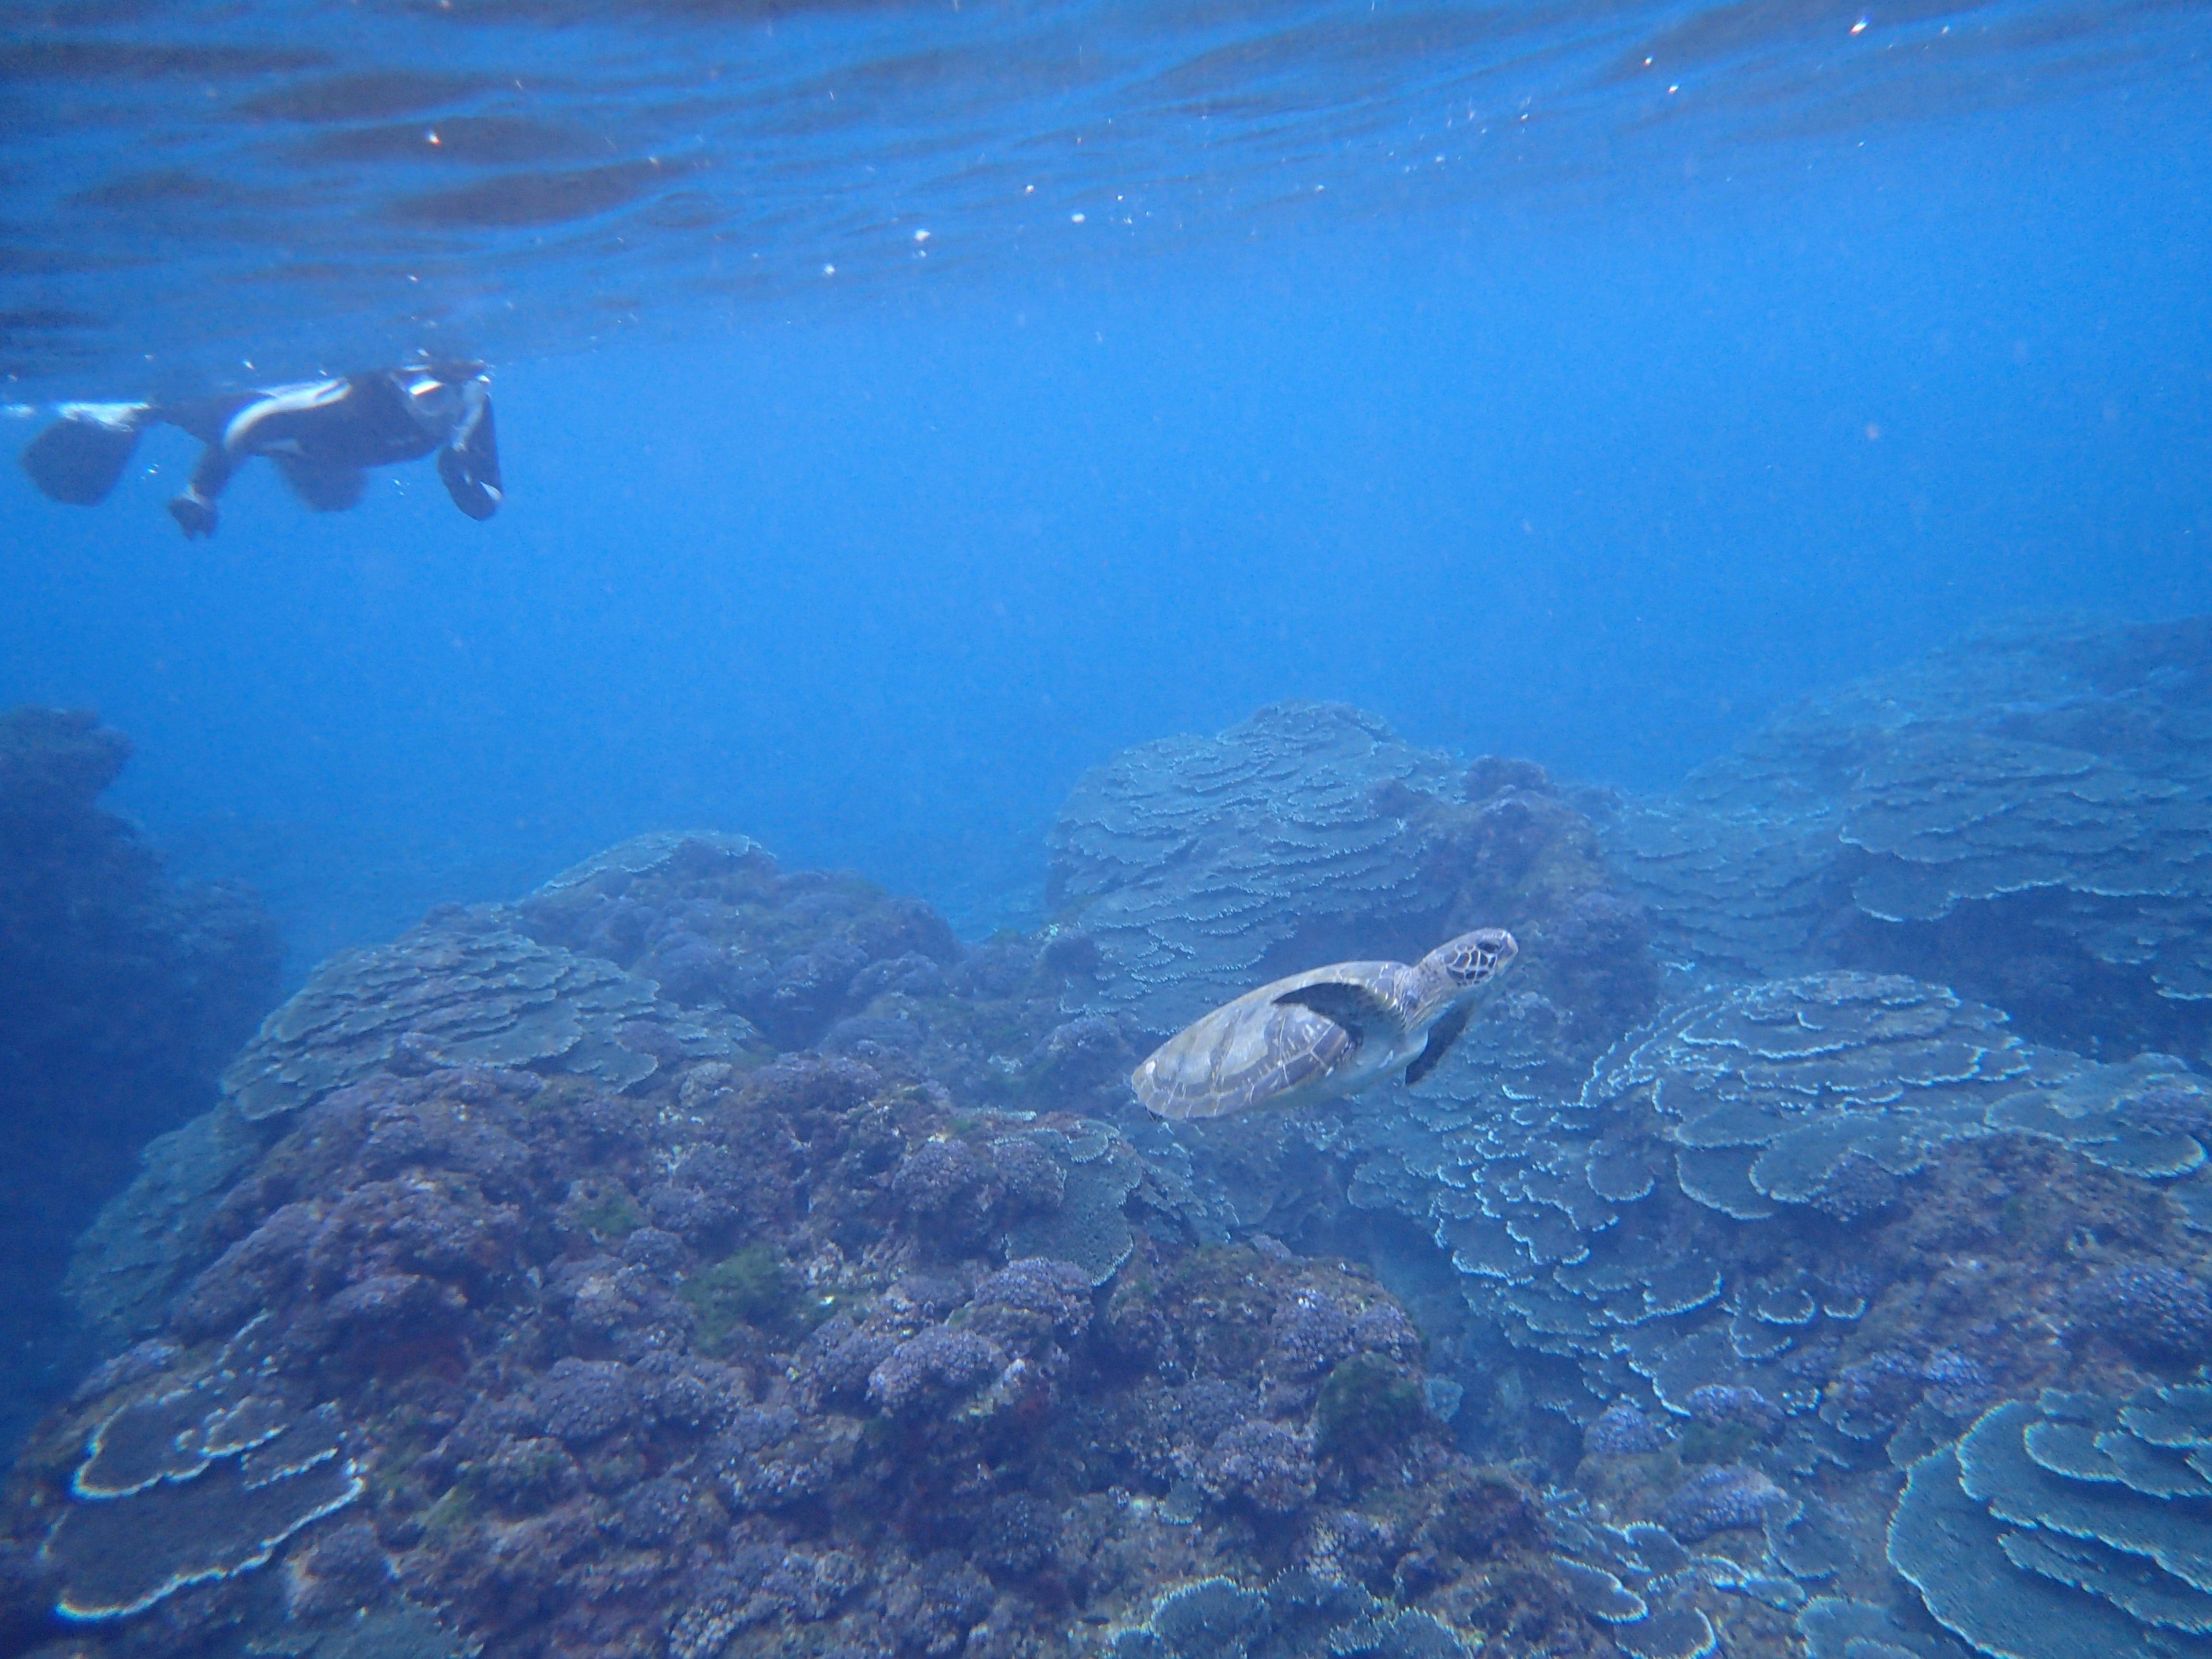 Hachijojima scuba diving